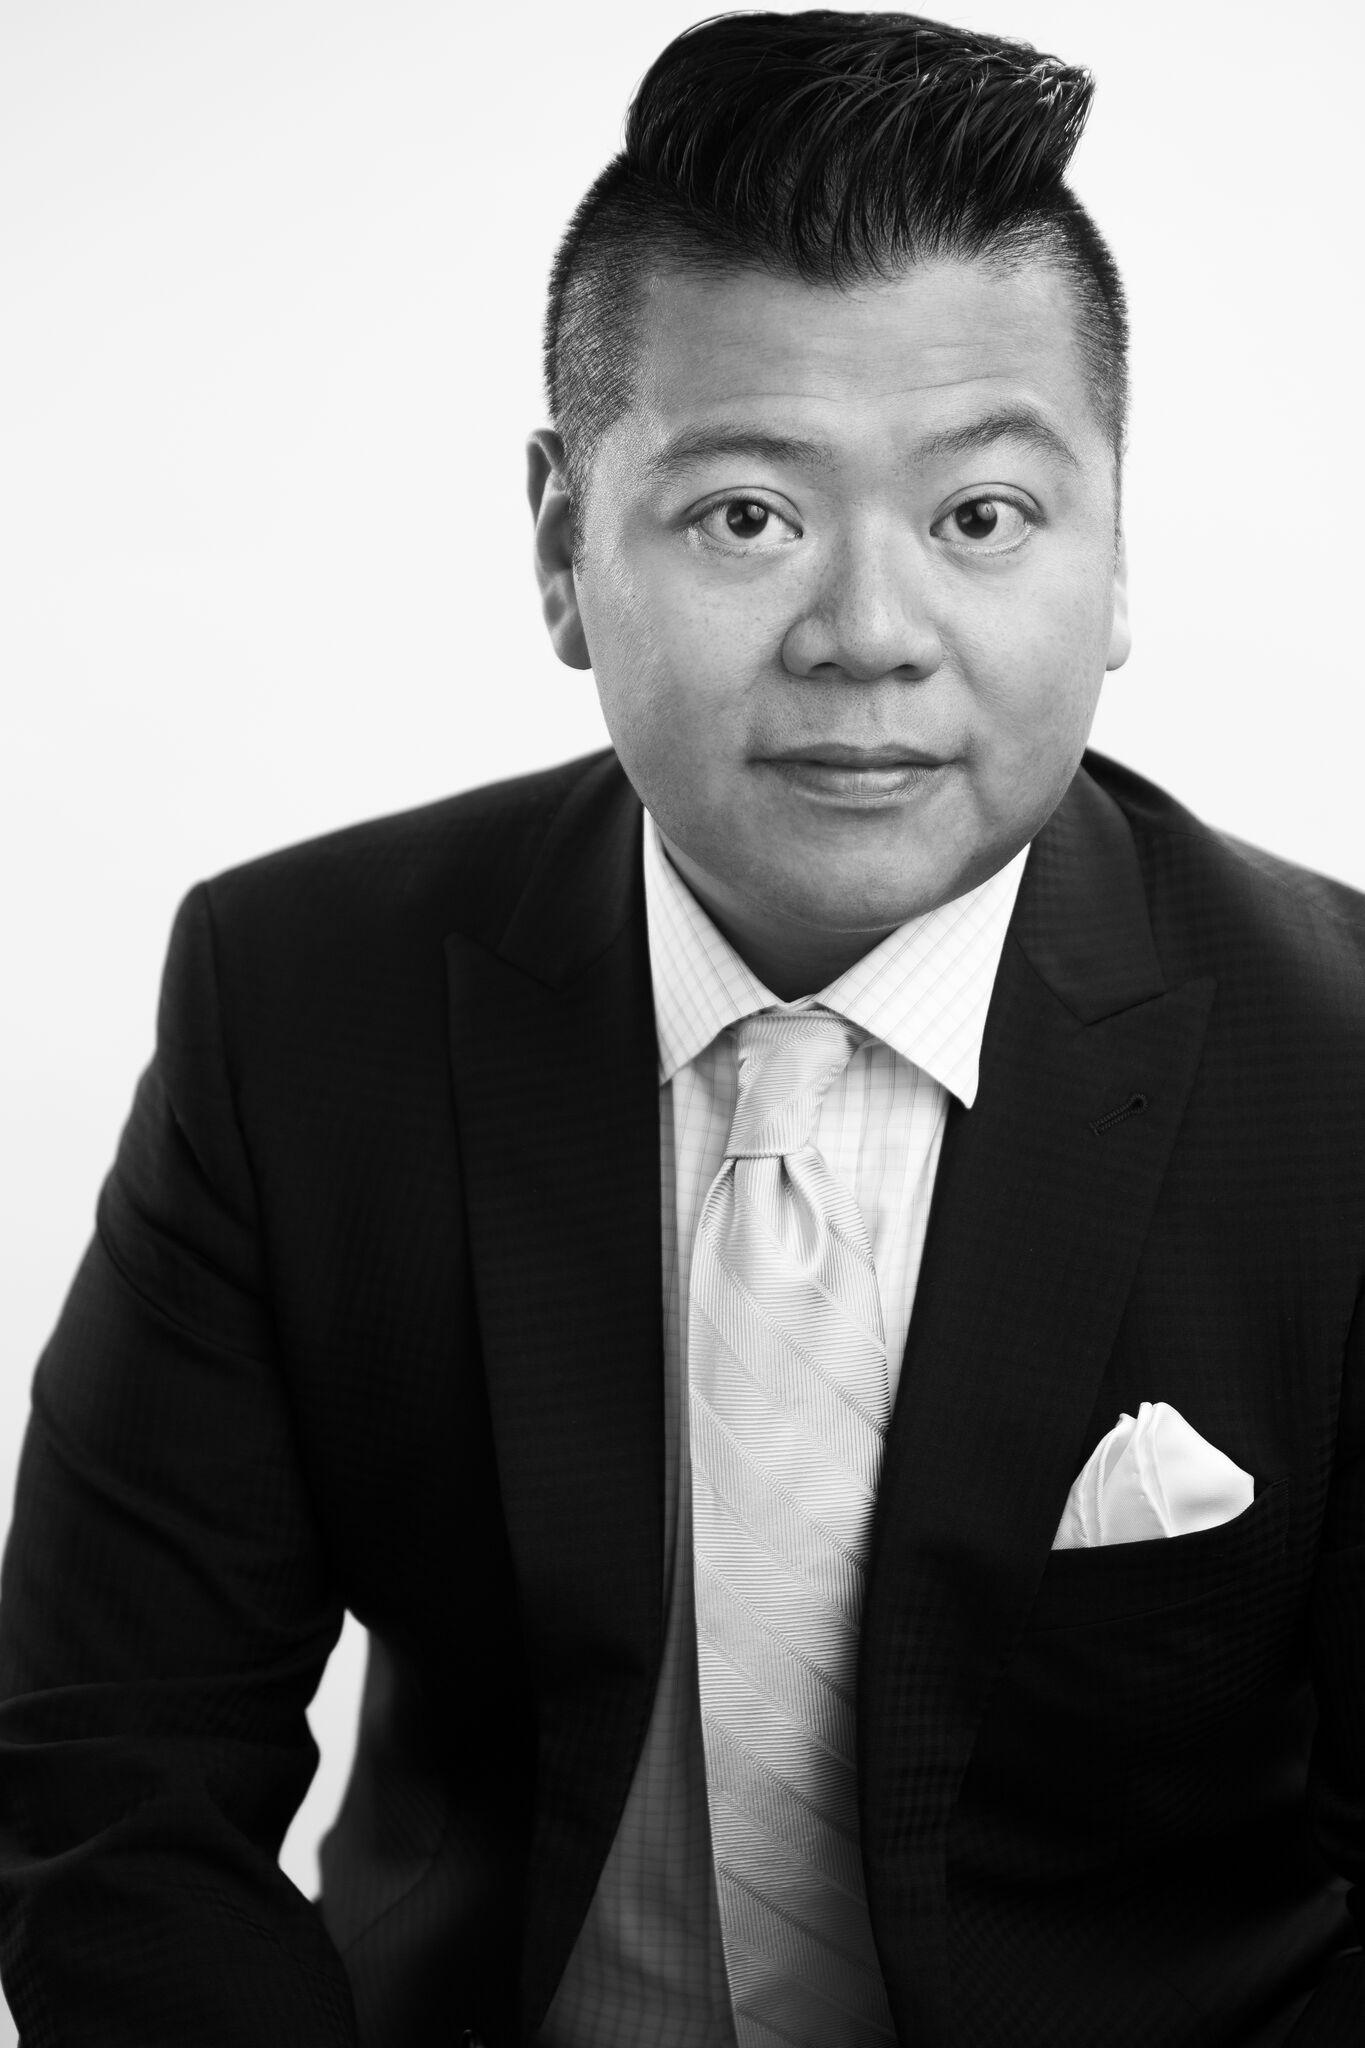 Jack Hsiao